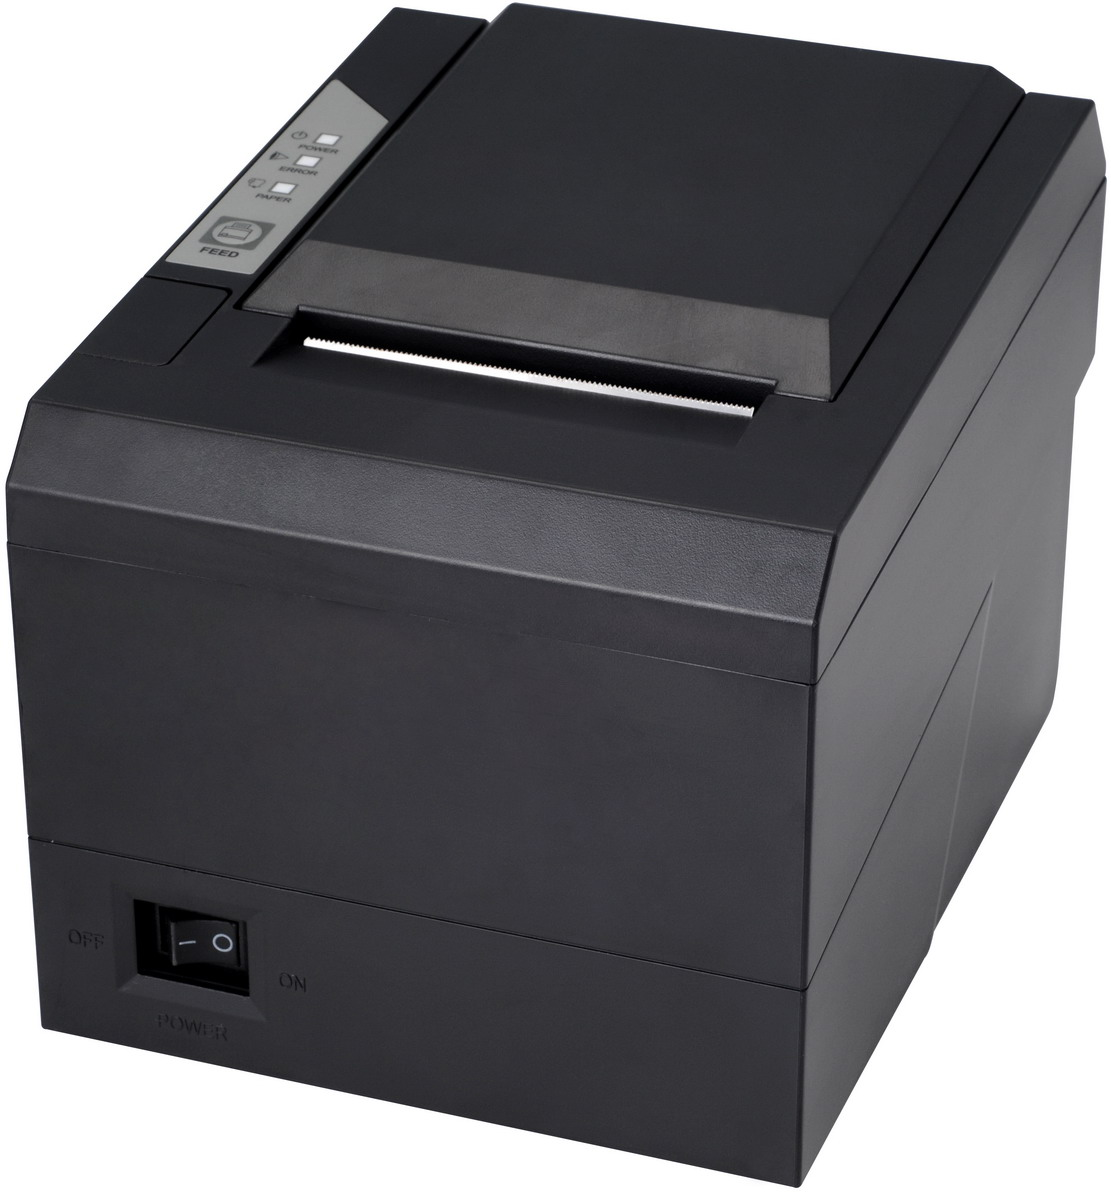 Impressora Térmica 80mm - OT550 USB + COM + LAN